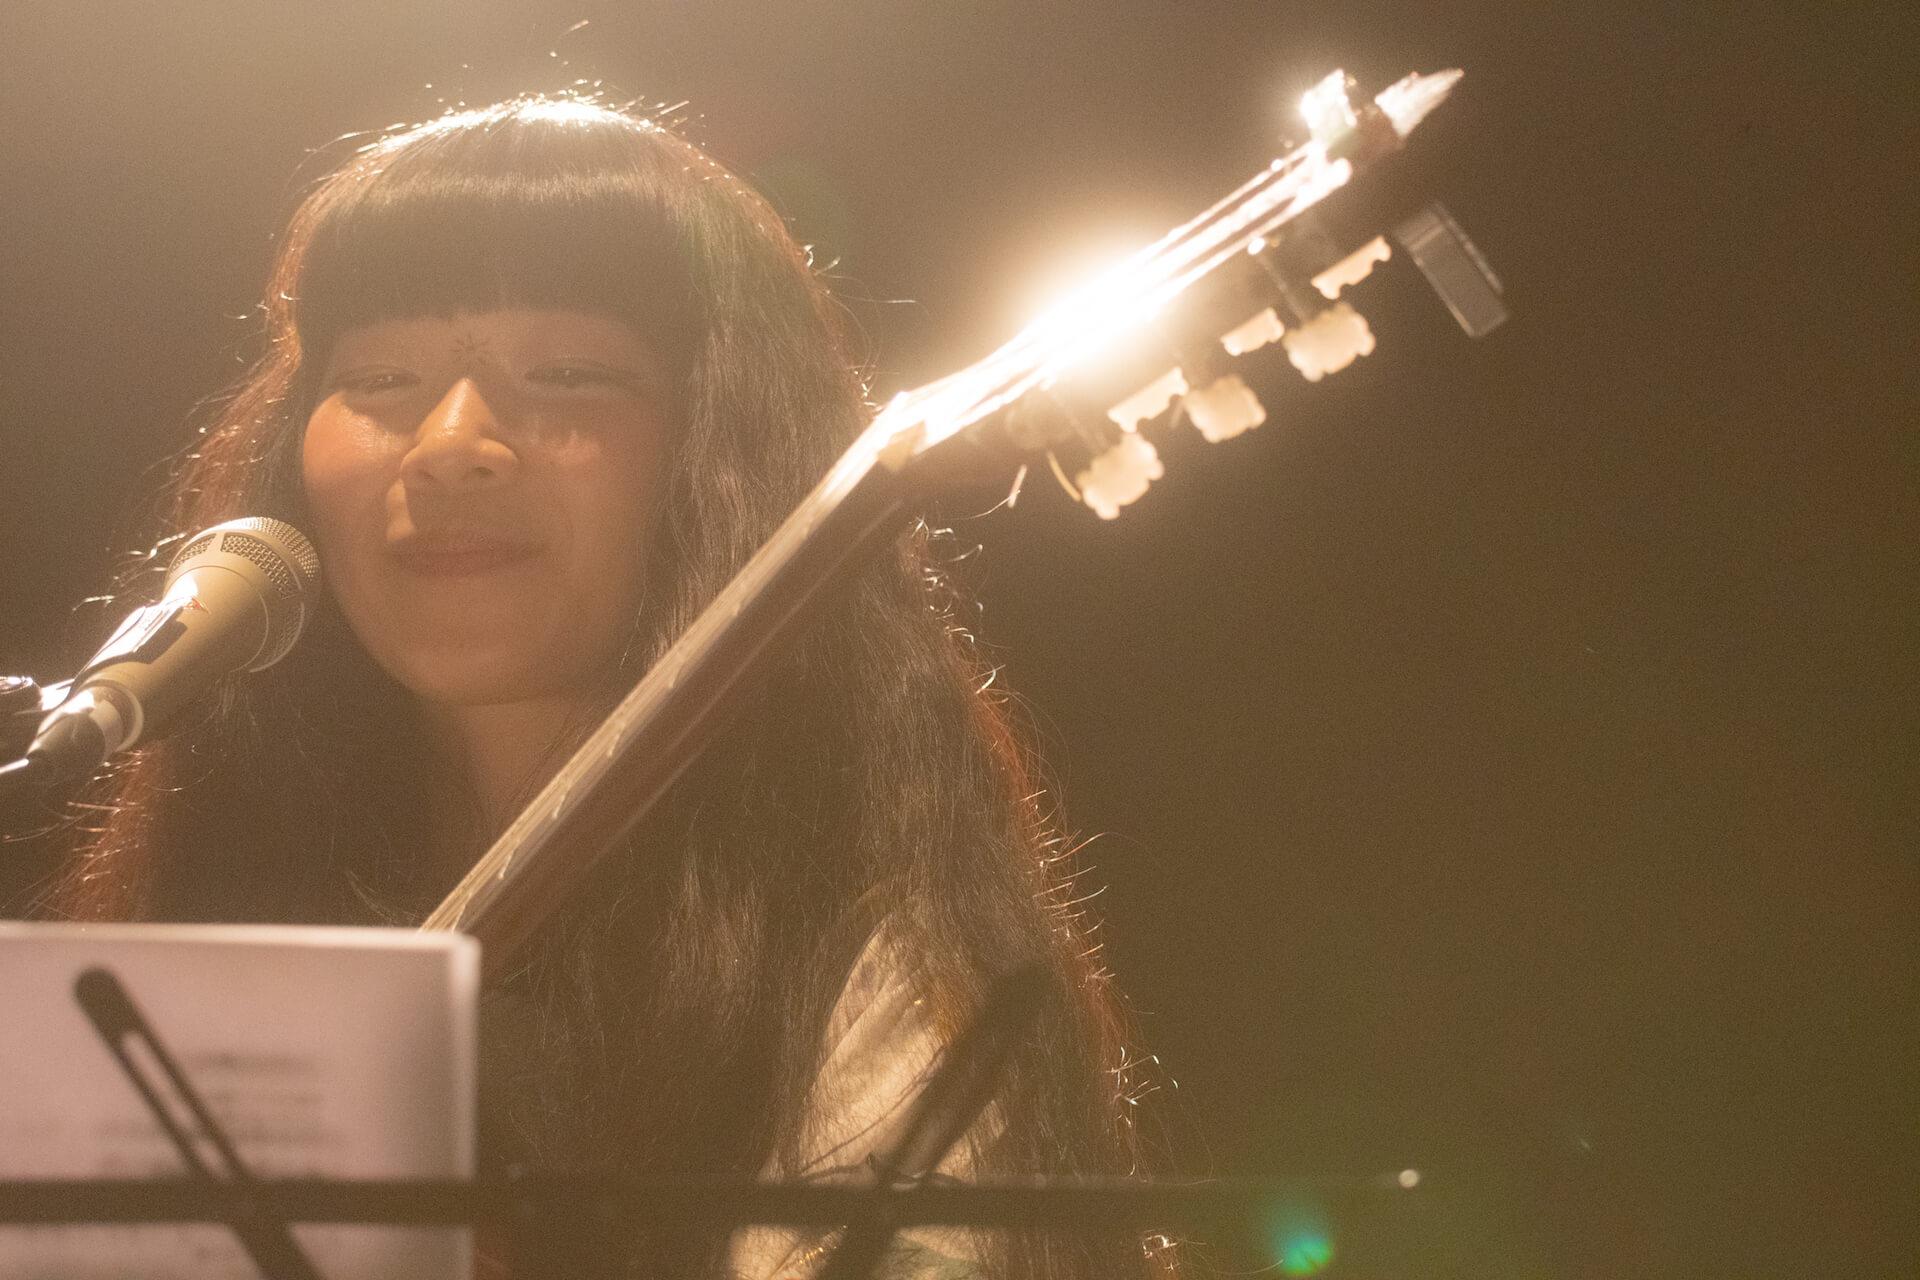 イベントレポート|伝説の即興バトルも復活。音楽フェス<Alternative Tokyo>で都市カルチャーを探求する music190410-alternative-tokyo-2